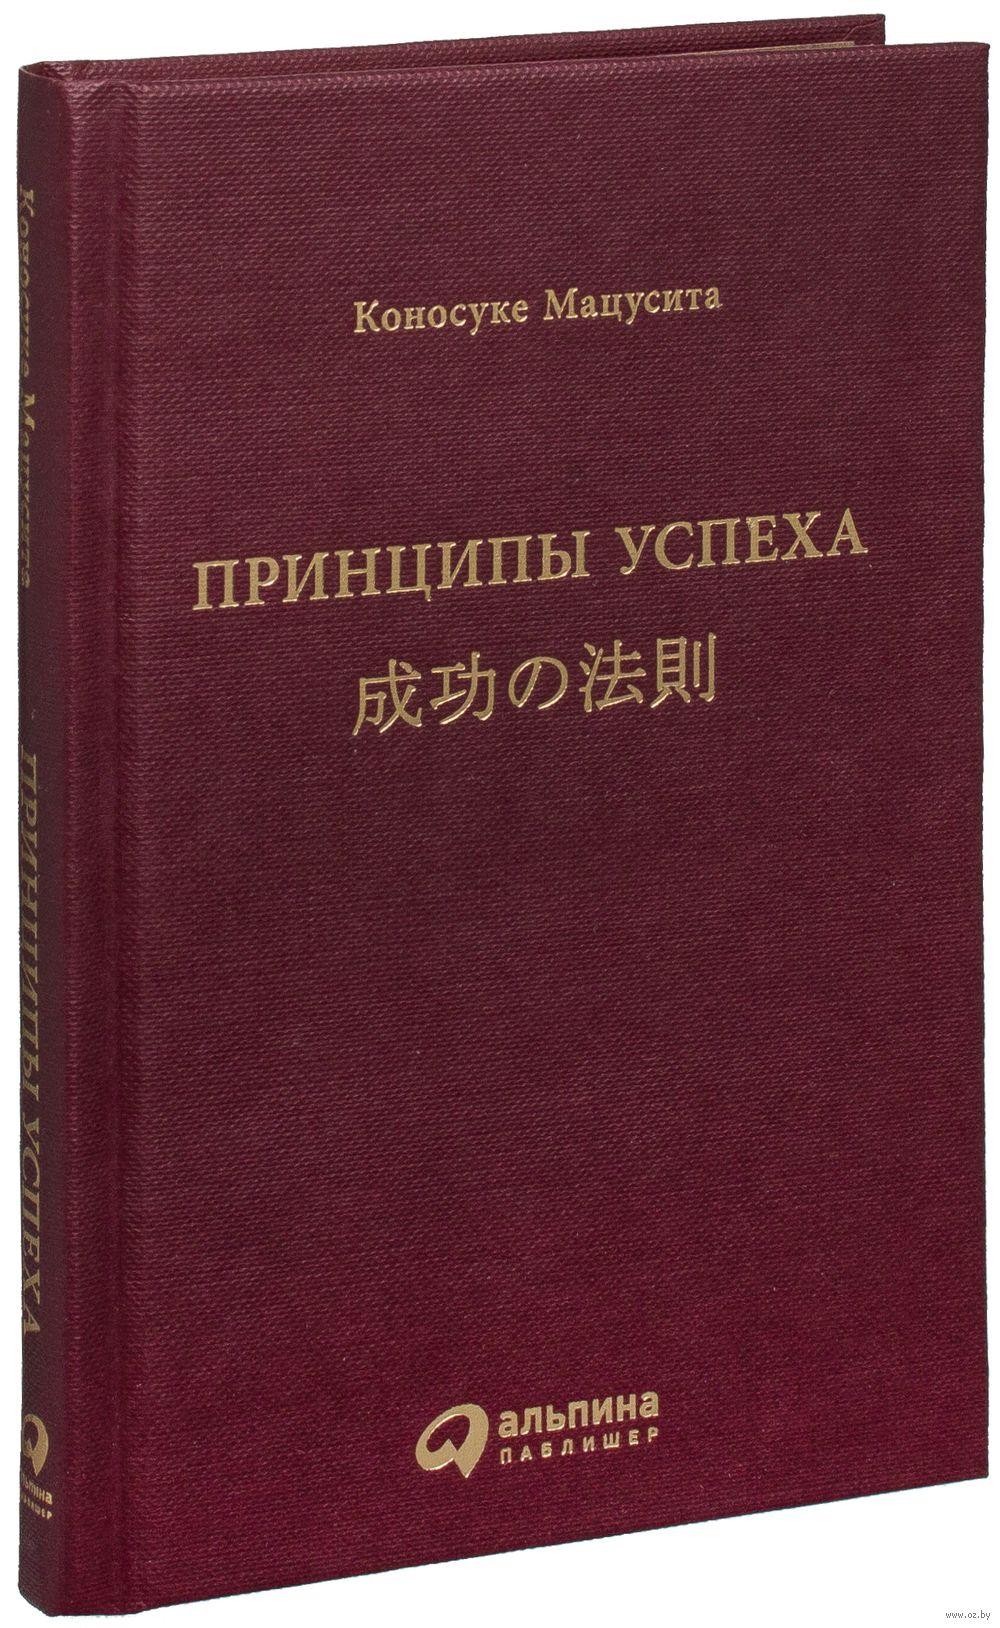 Скачать книгу мацусита коносукэ принципы успеха